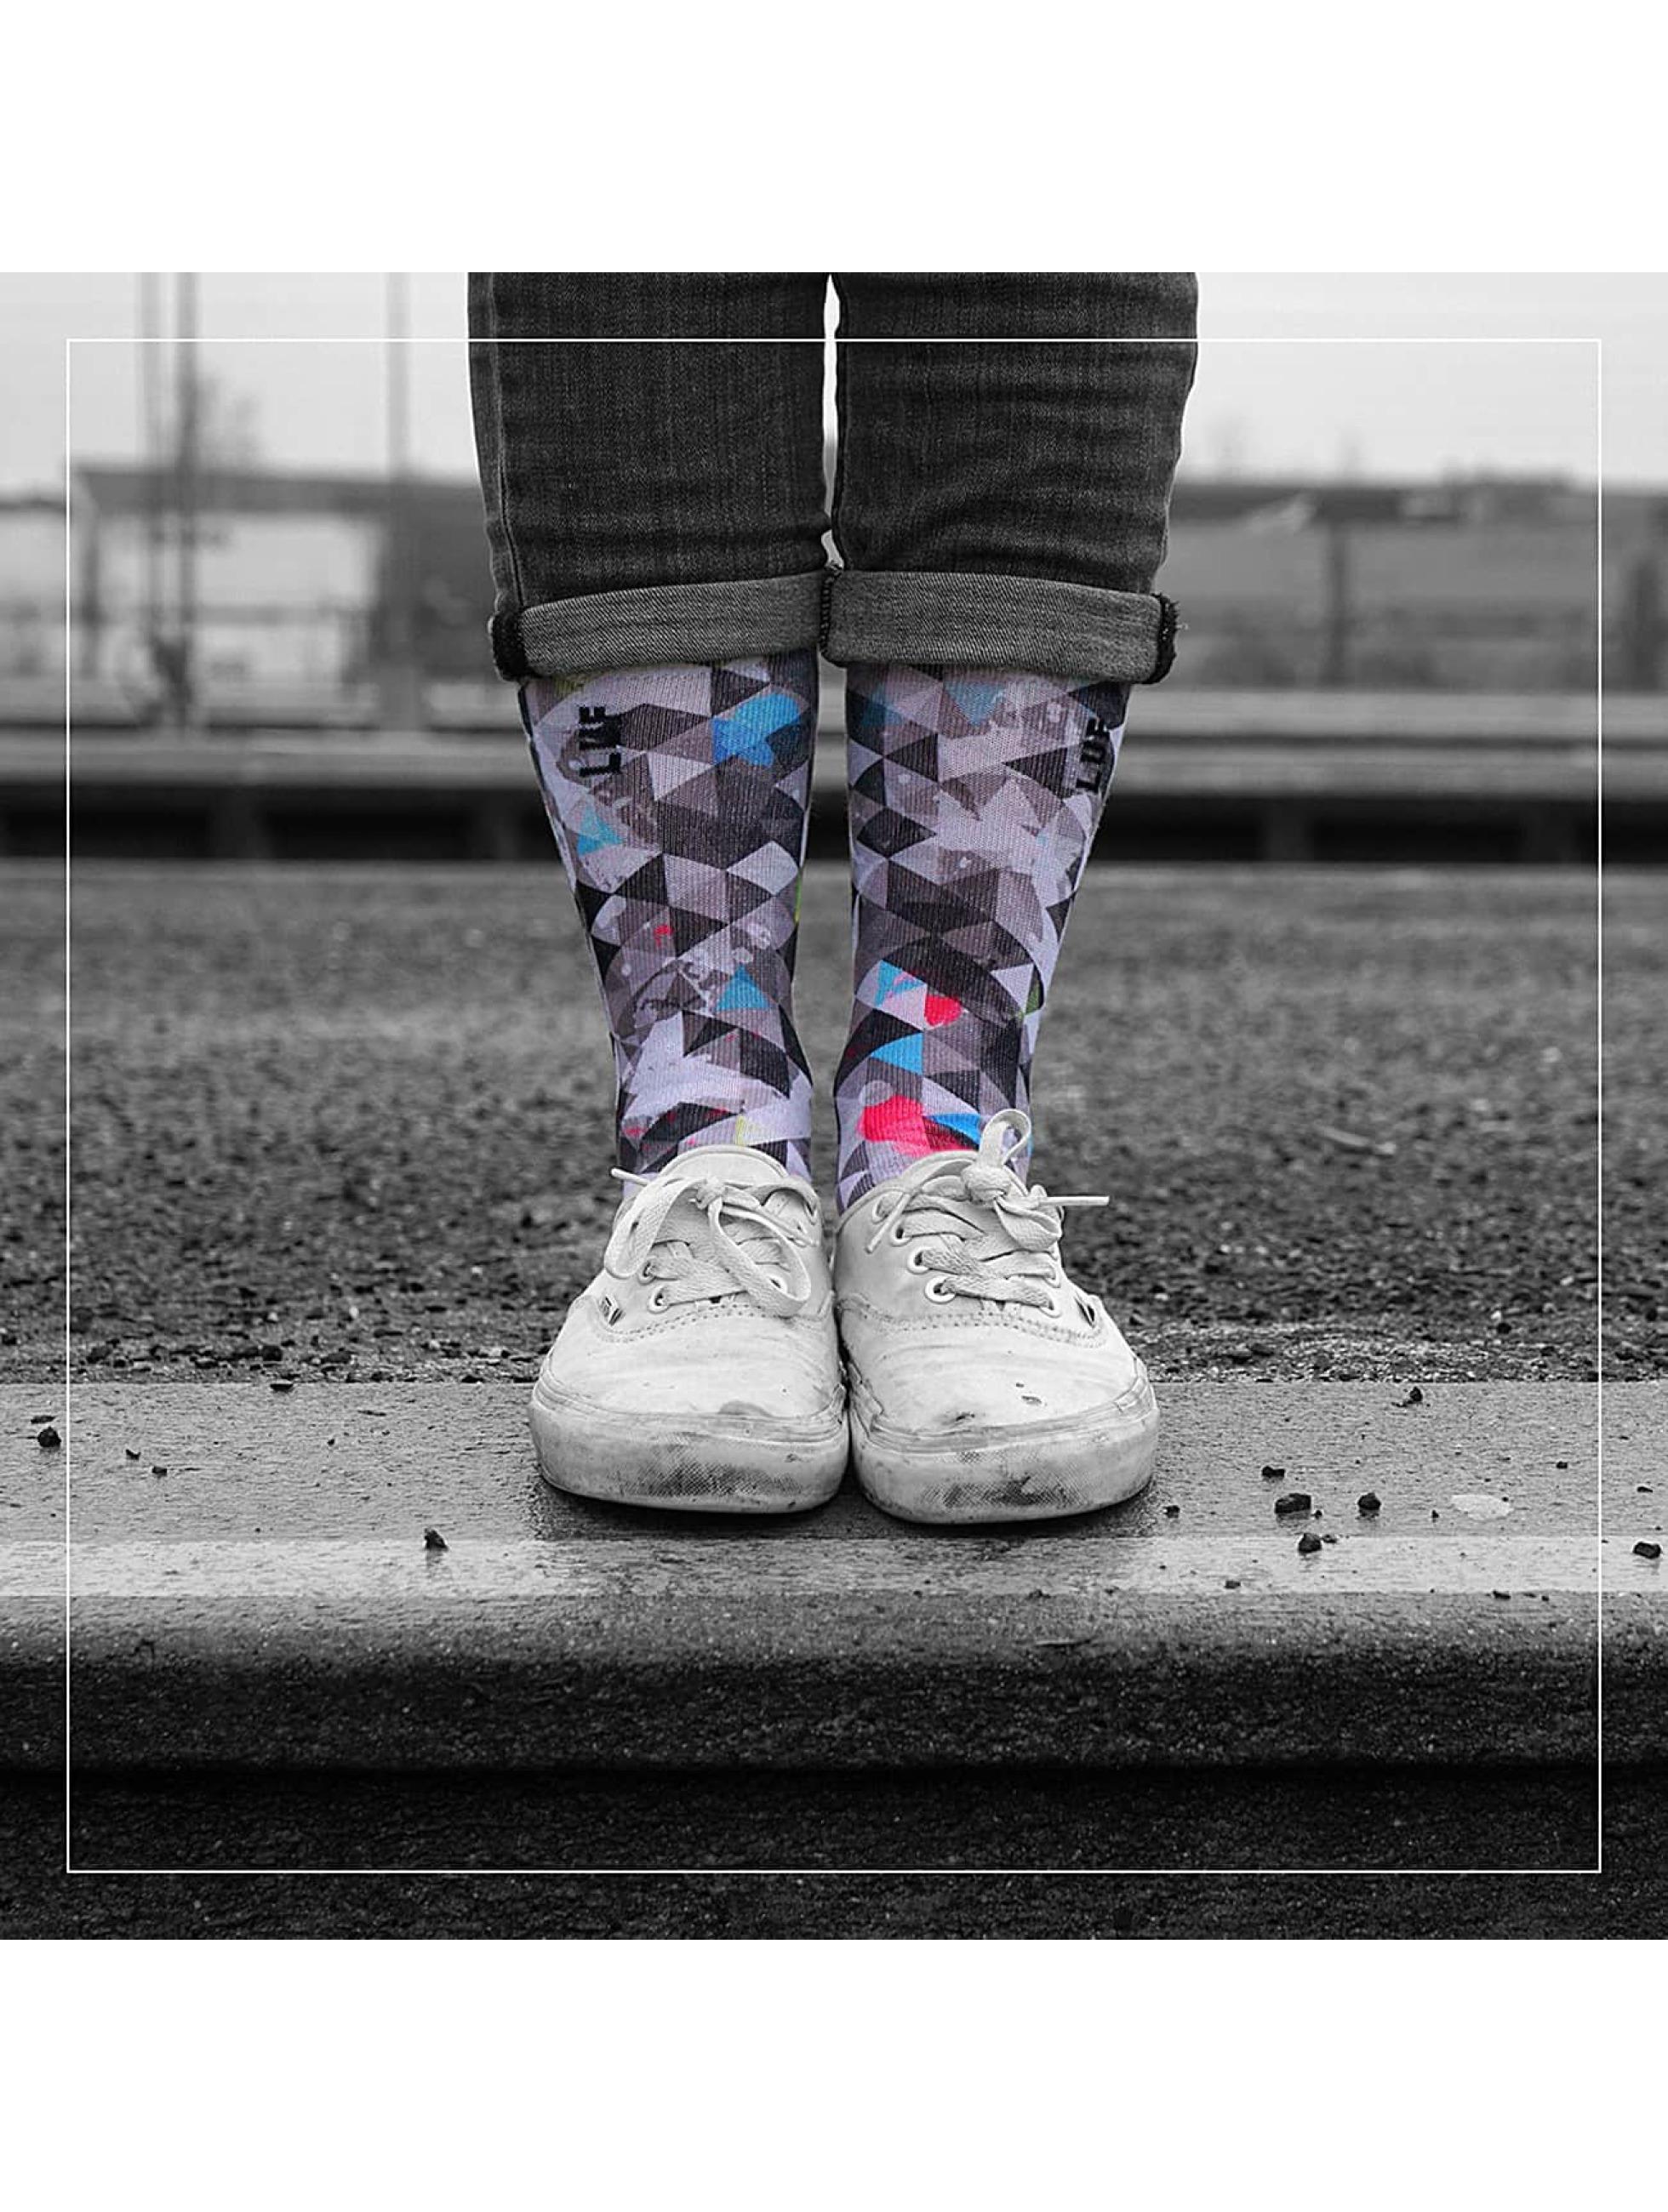 LUF SOX Männer,Frauen Socken Geogram in bunt